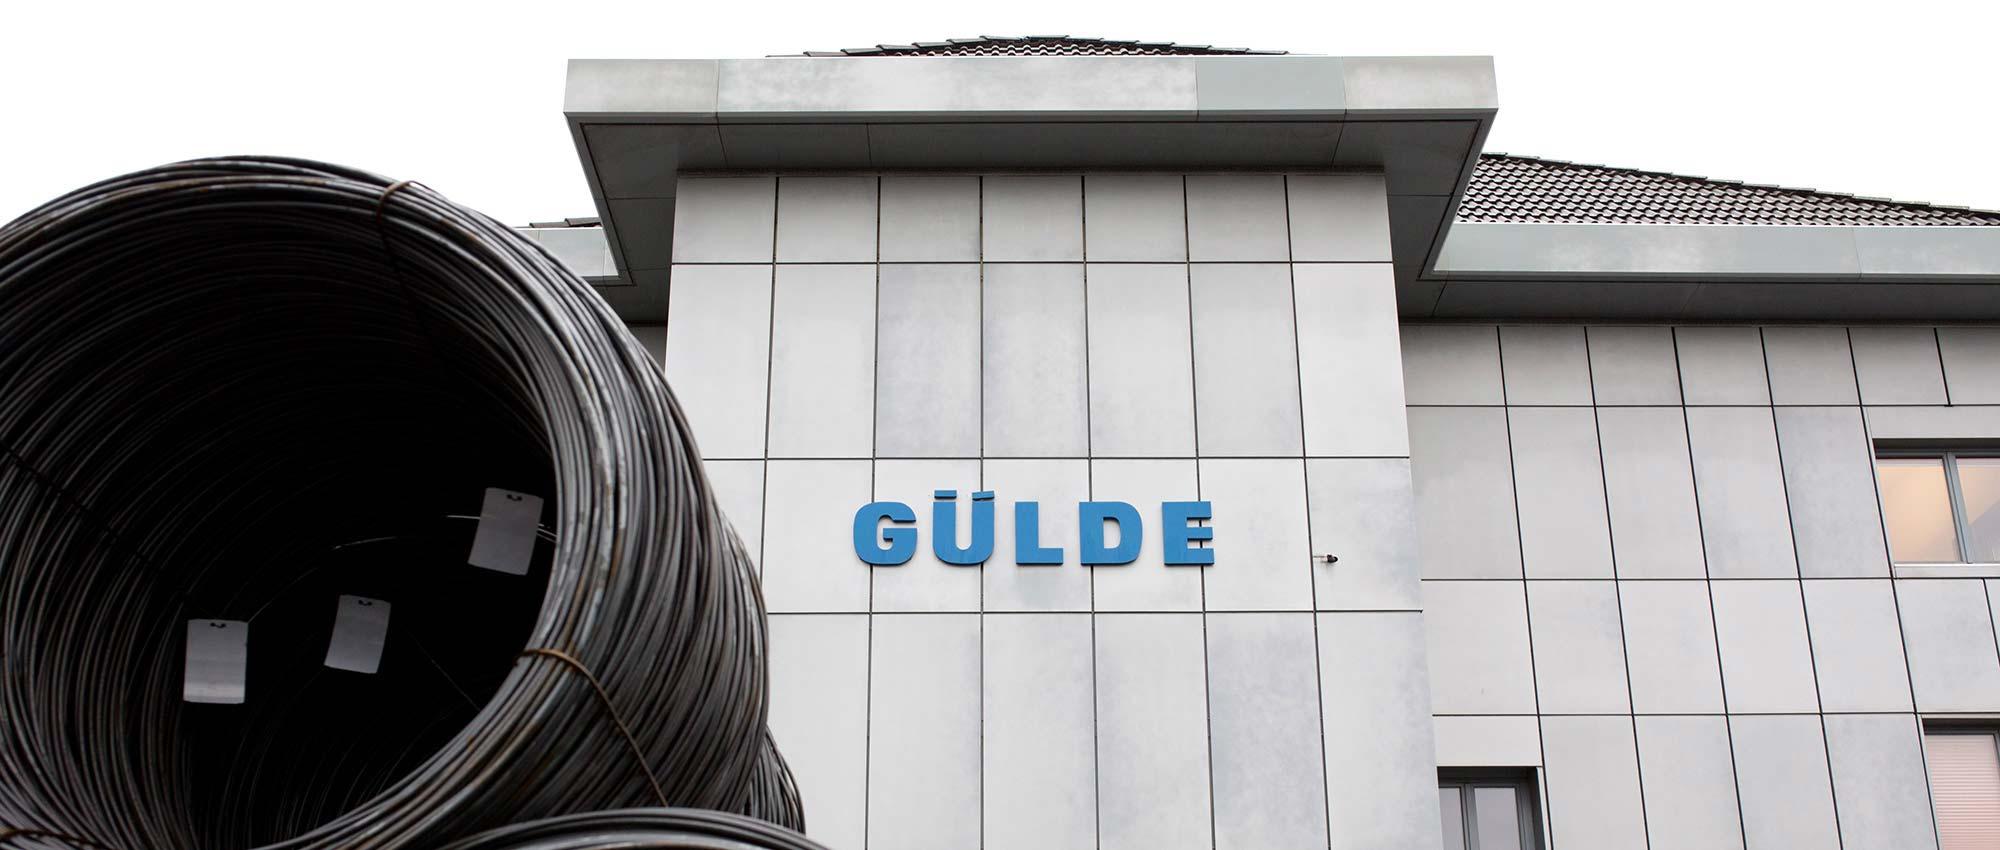 Gülde – Ihr Kaltwalzwerk für die verschiedensten Branchen - Gülde ...